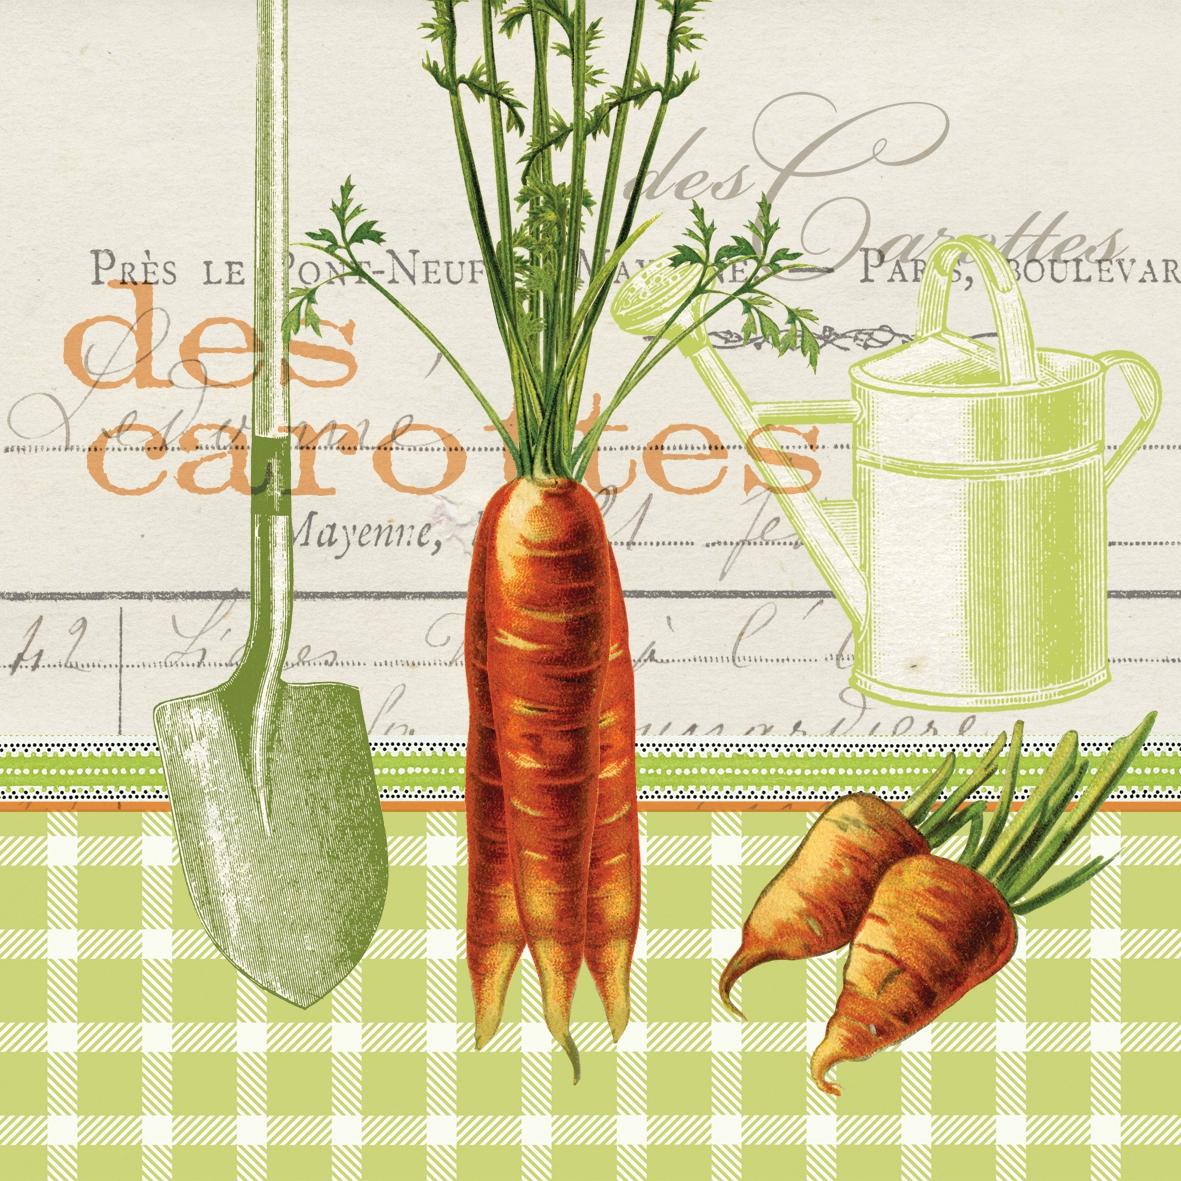 Servietten 33 x 33 cm,  Sonstiges - Schriften,  Gemüse -  Sonstiges,  Everyday,  lunchservietten,  Möhren,  Schaufel,  Schriften,  Giesskanne